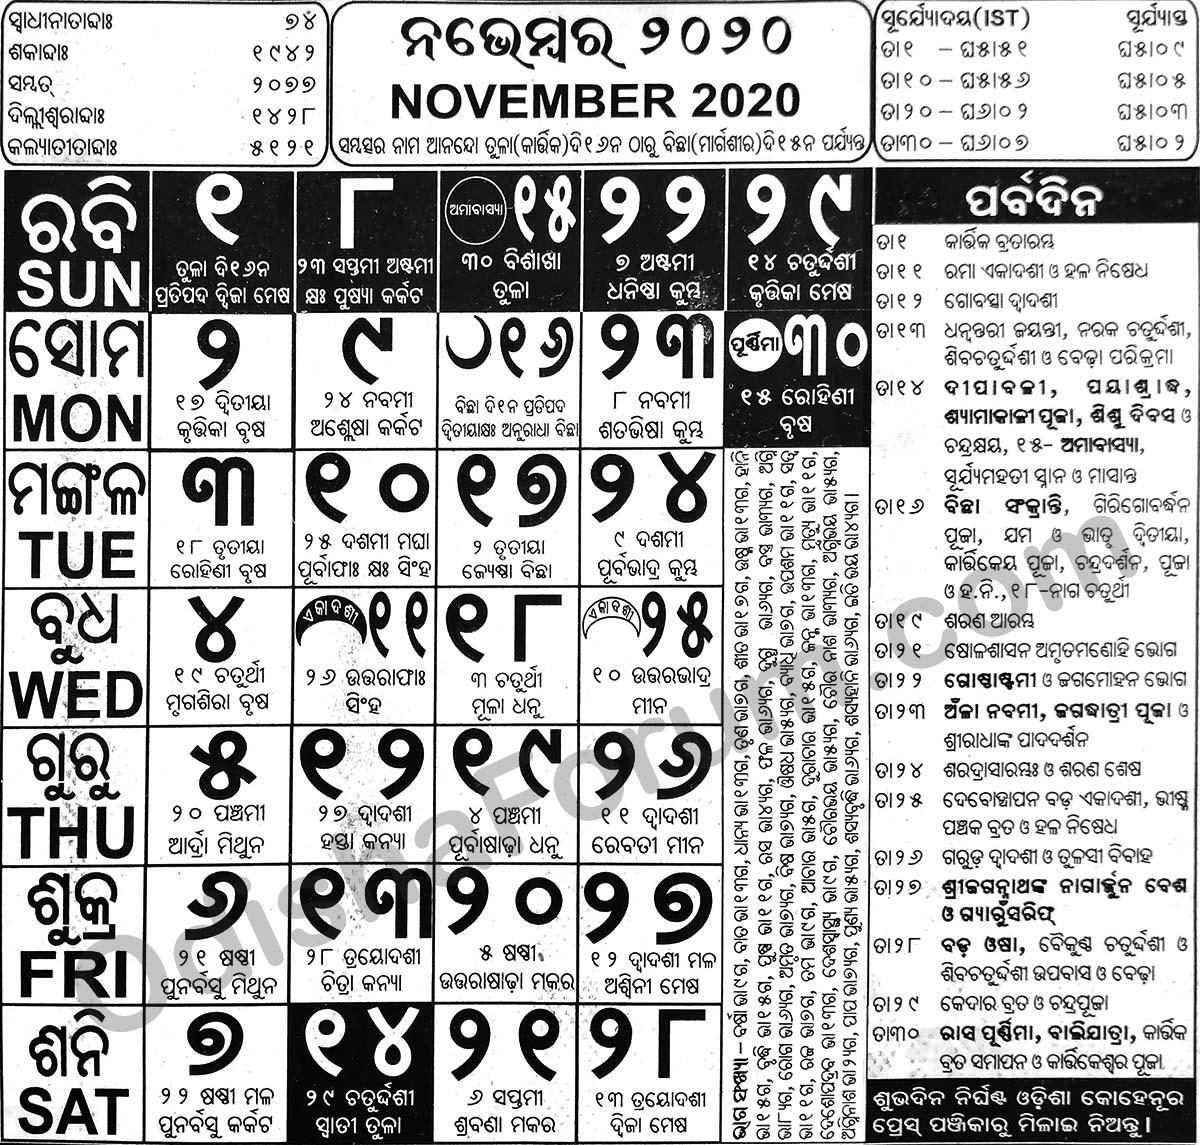 2020 November Oriya Calendar